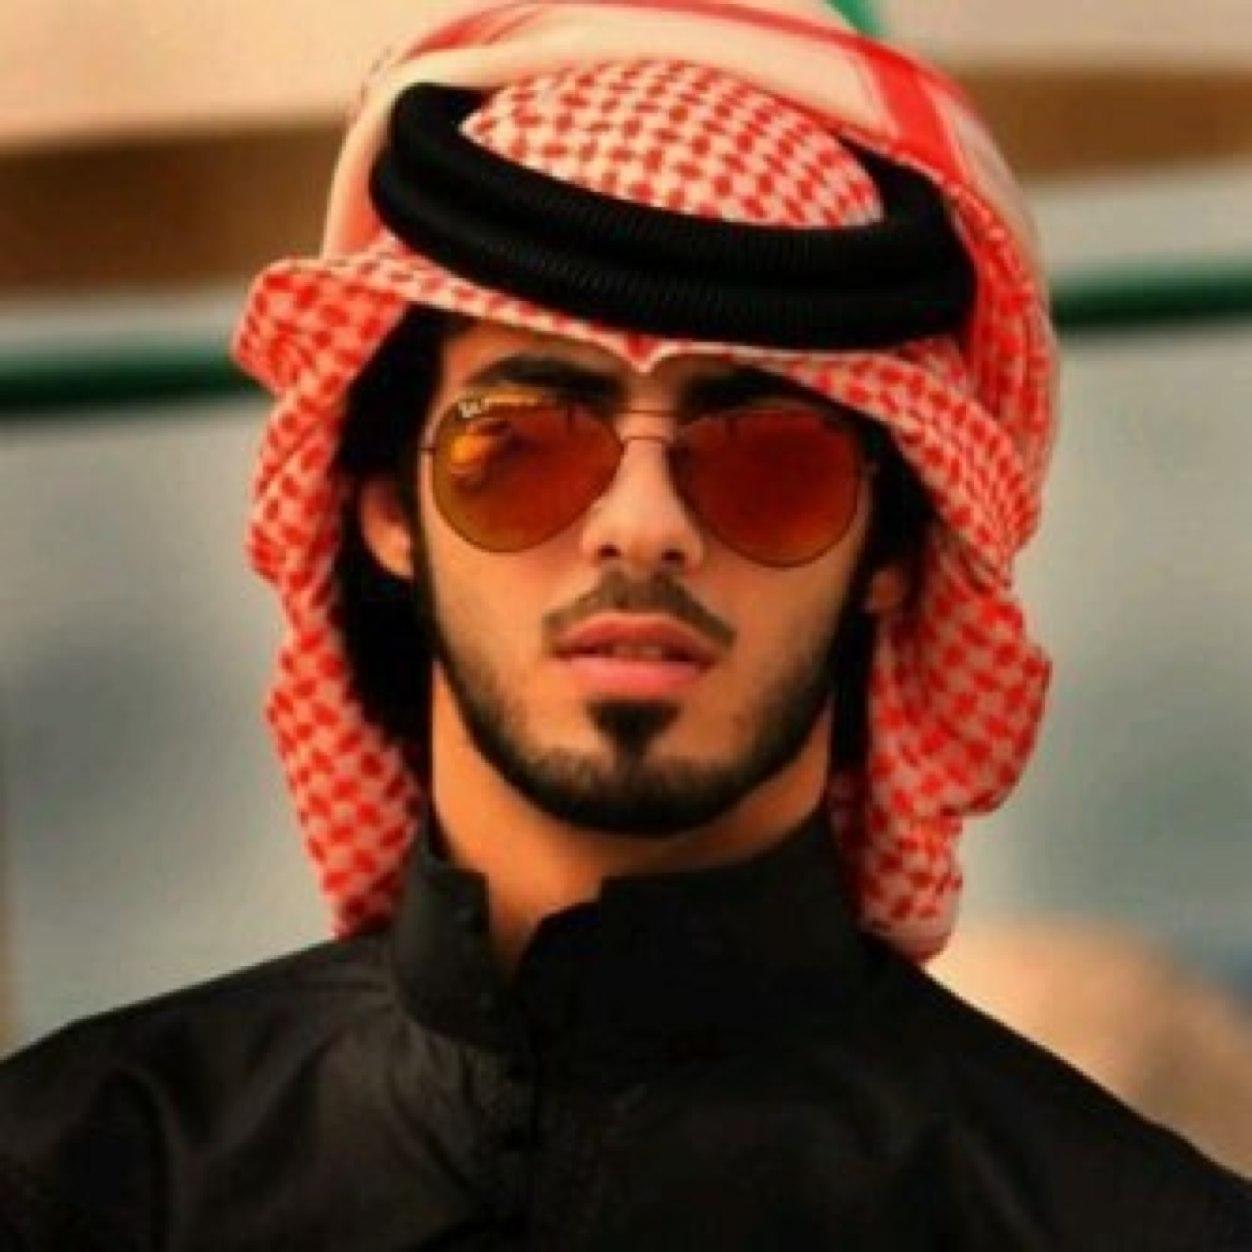 صورة صور شباب سعوديين , شباب 2019 في السعودية